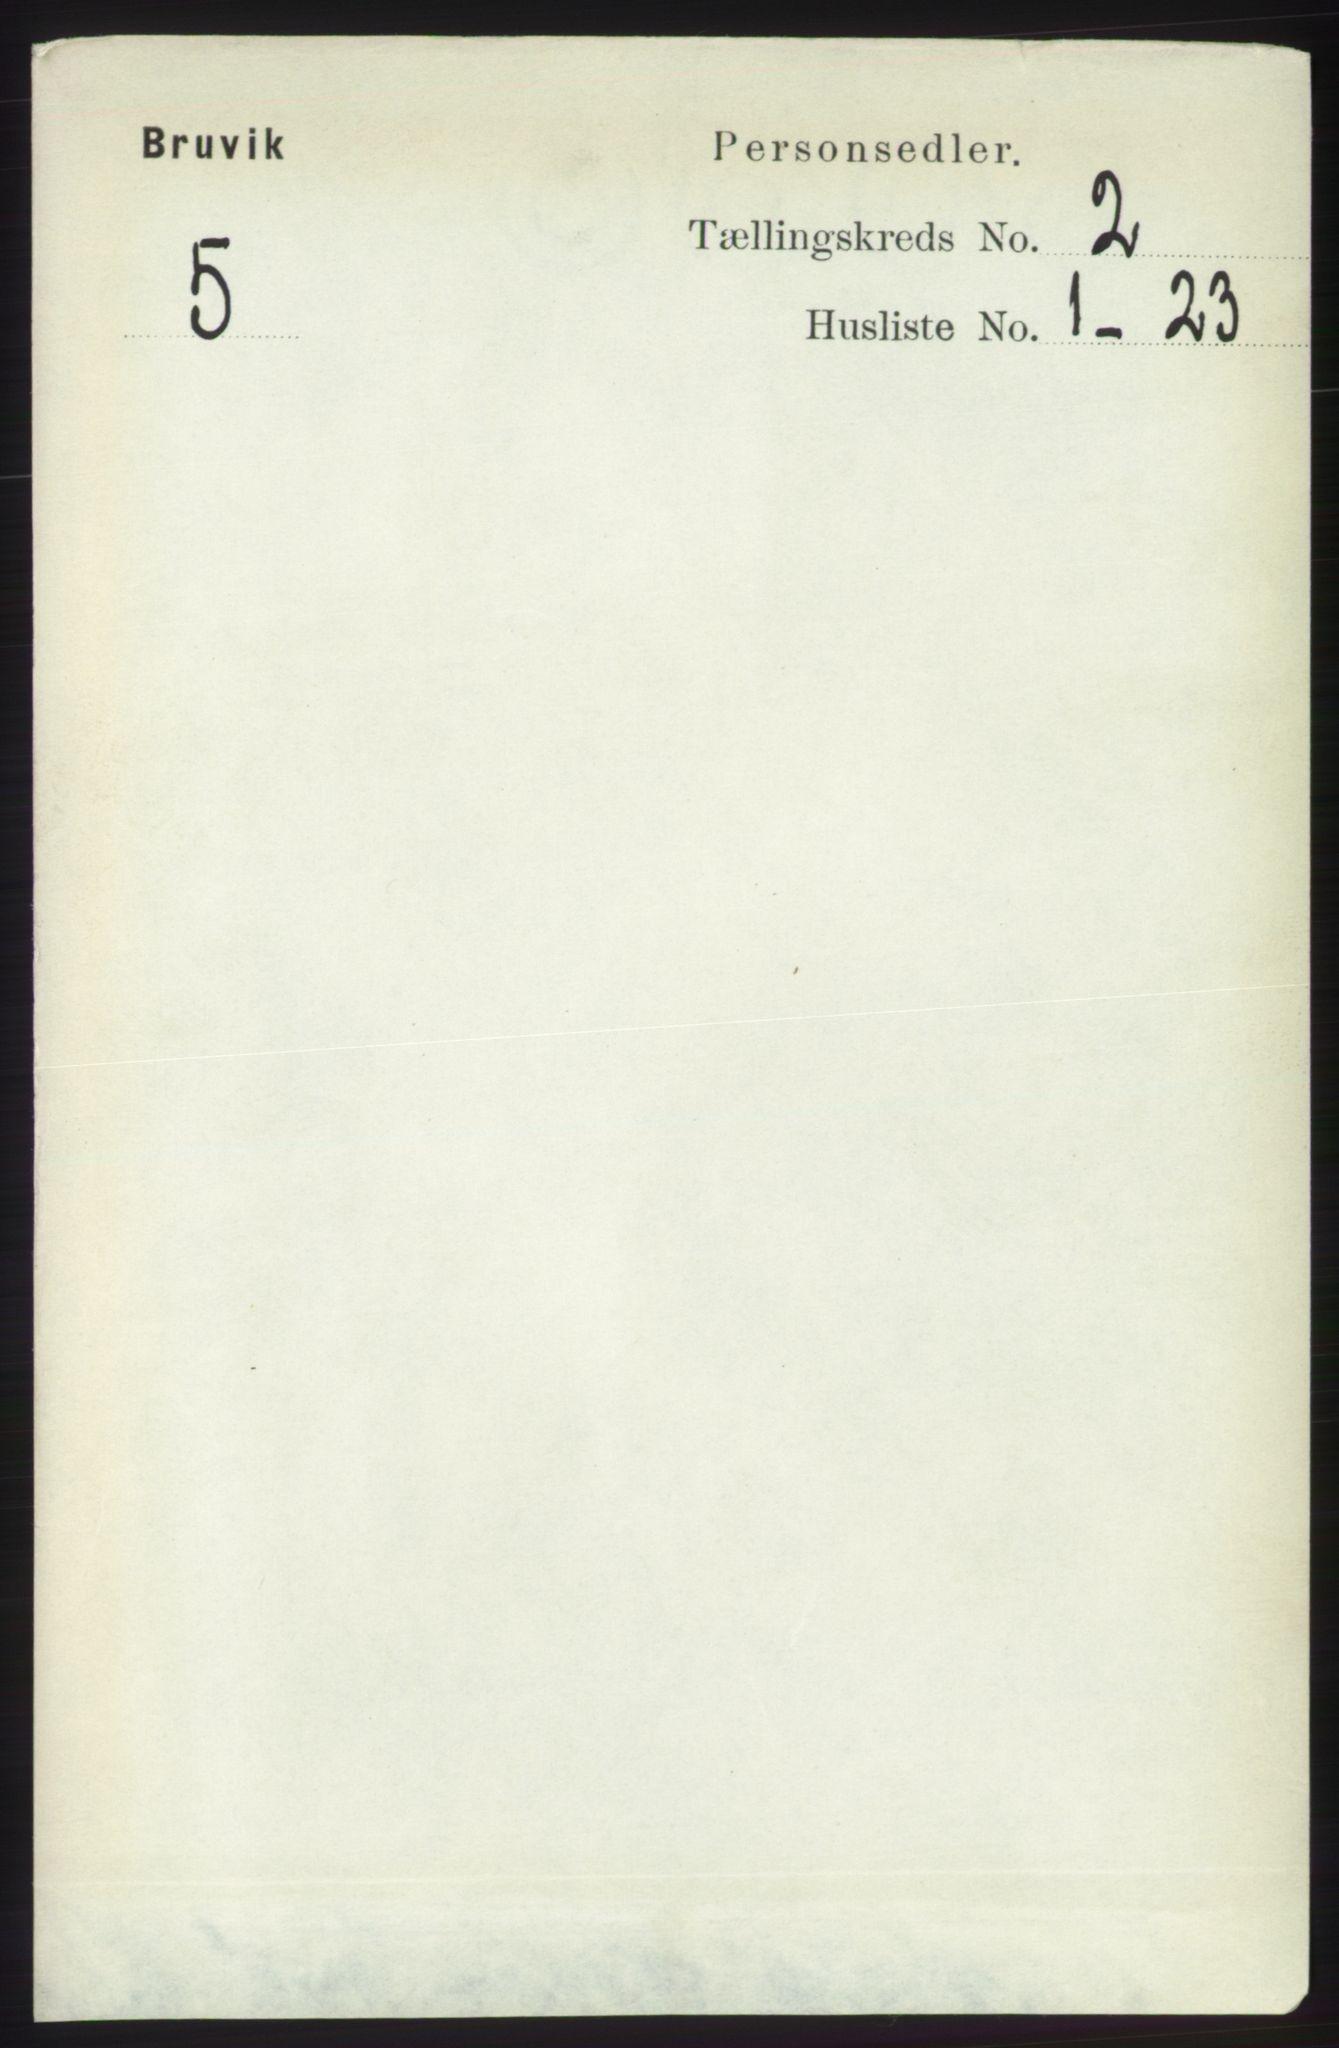 RA, Folketelling 1891 for 1251 Bruvik herred, 1891, s. 432